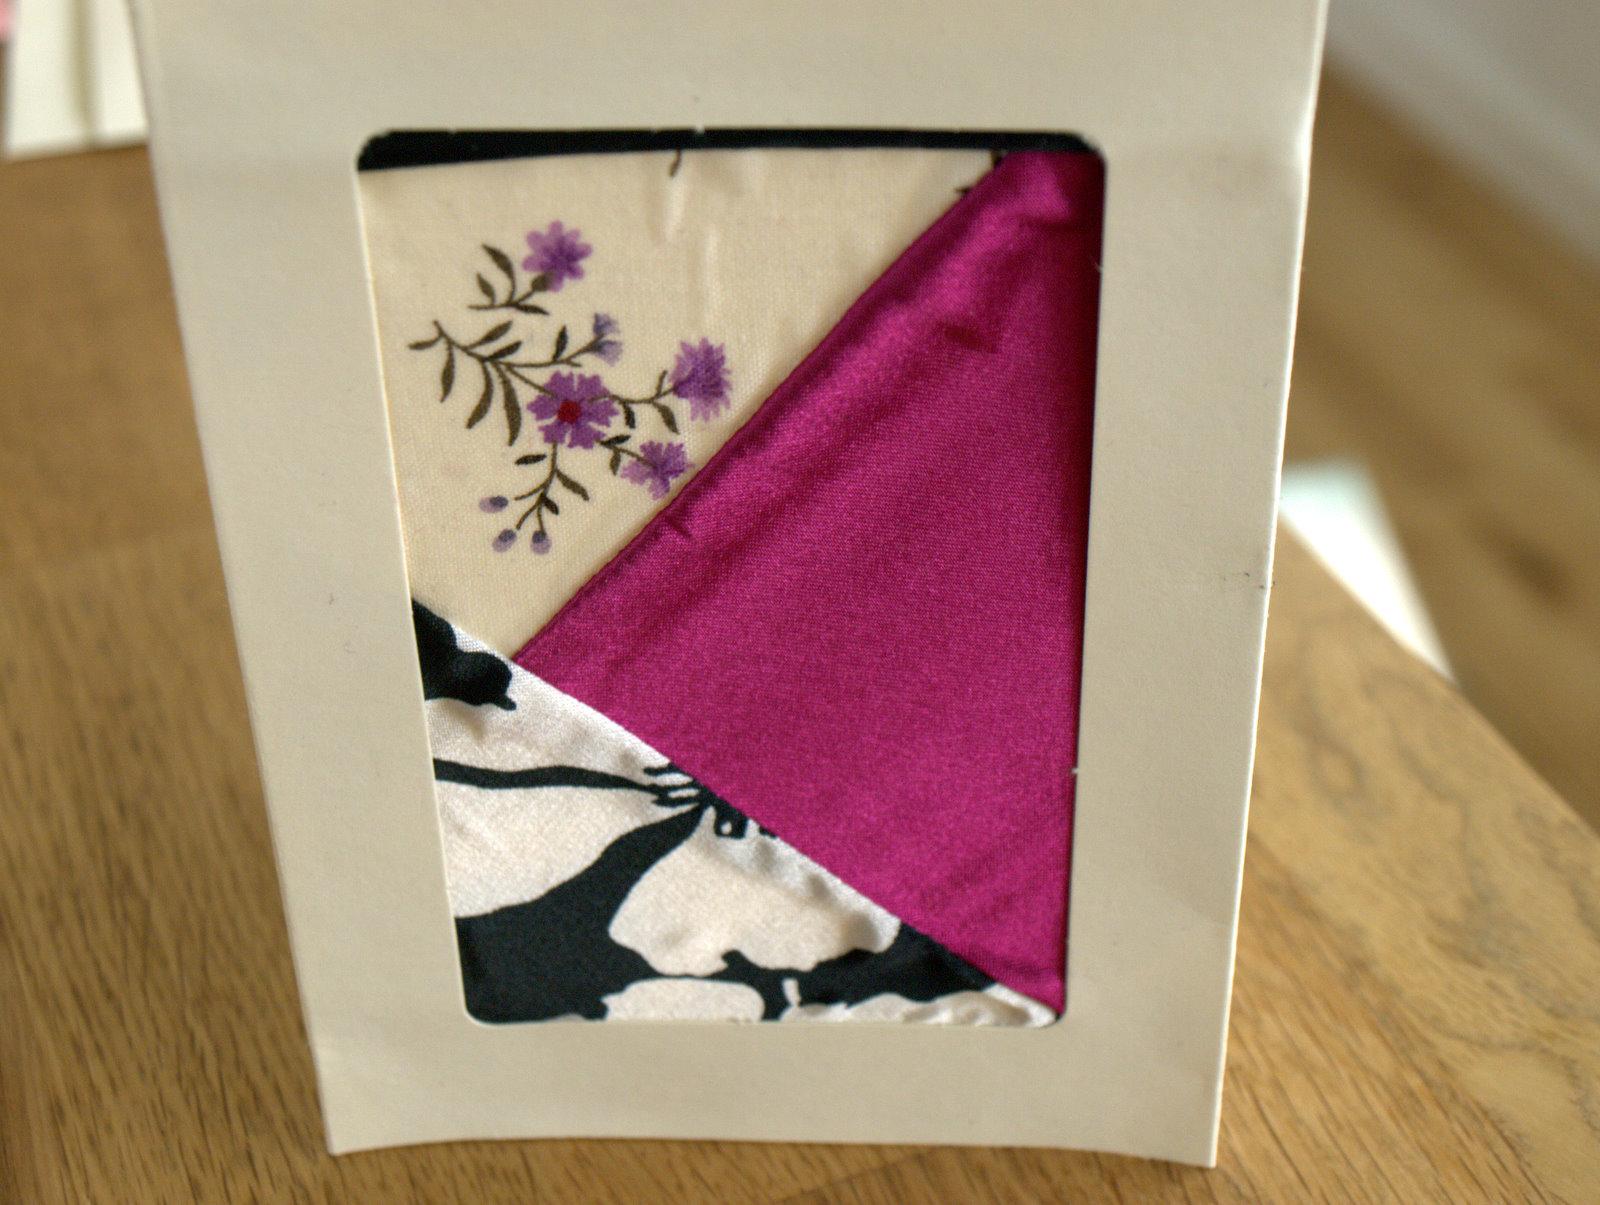 Bryllupskort; det sorte med hvide blomster, var det stof, jeg havde syet den kjole, jeg havde på til min kusines bryllup